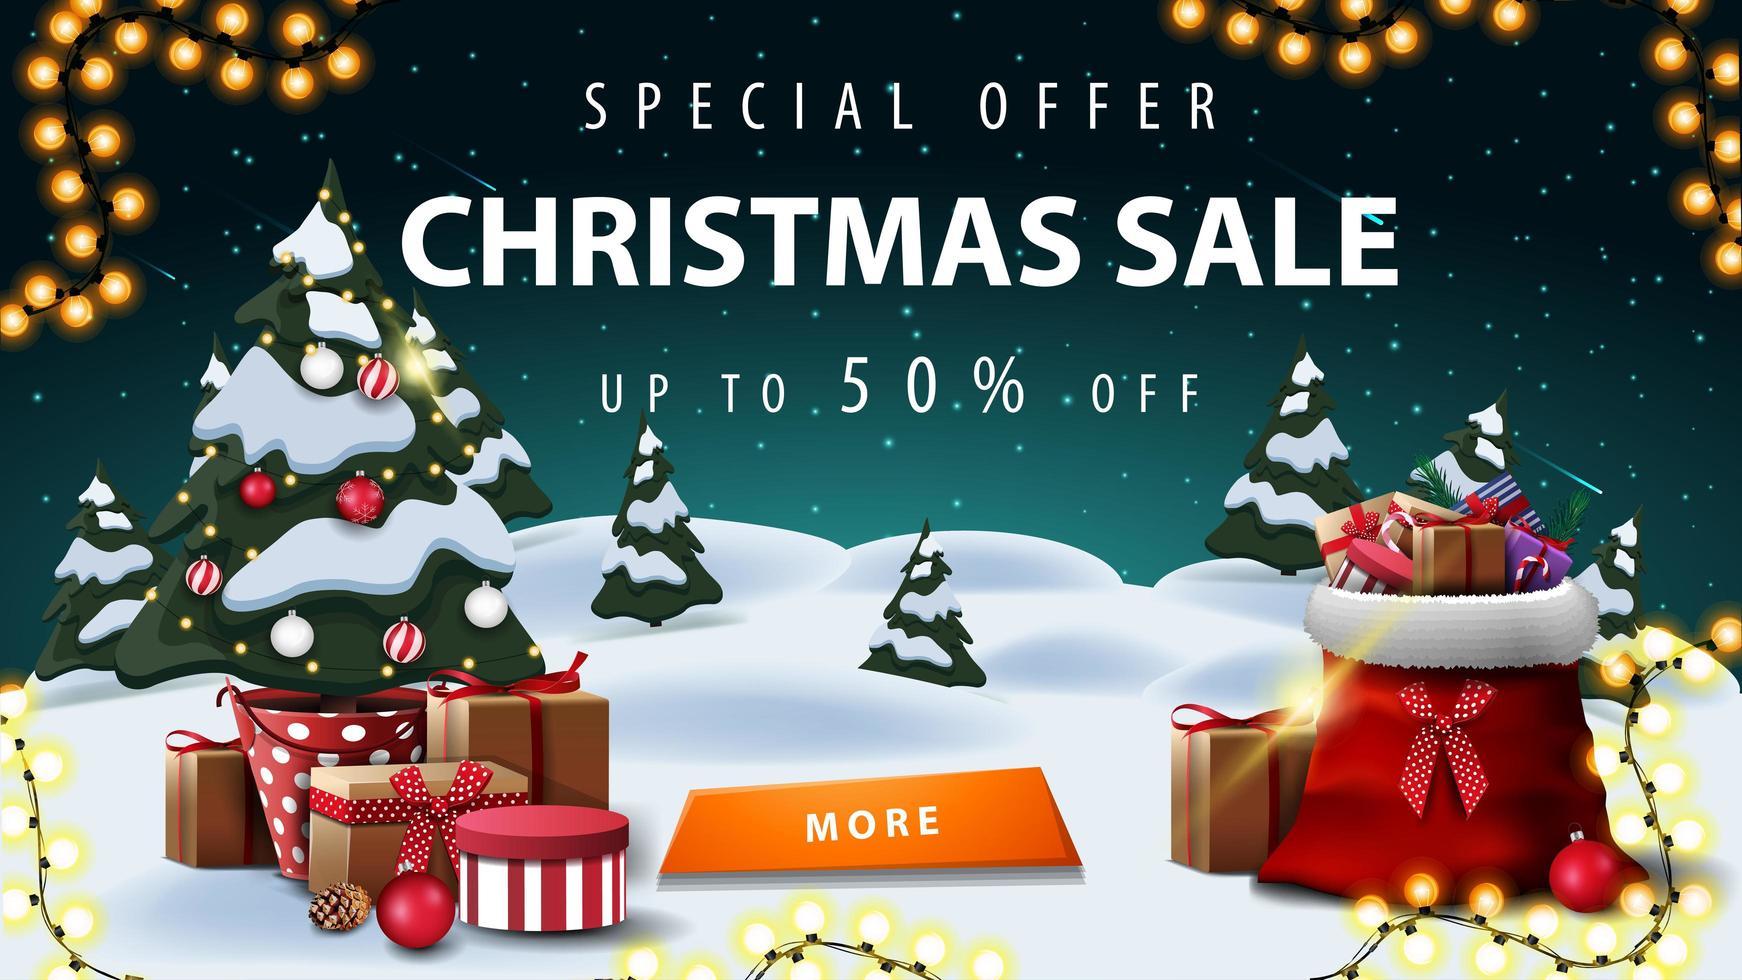 Sonderangebot, Weihnachtsverkauf, bis zu 50 Rabatt, Rabatt Banner mit Winterlandschaft. Sternenhimmel, Girlande, Knopf, Weihnachtsbaum in einem Topf mit Geschenken und Weihnachtsmann-Tasche mit Geschenken vektor